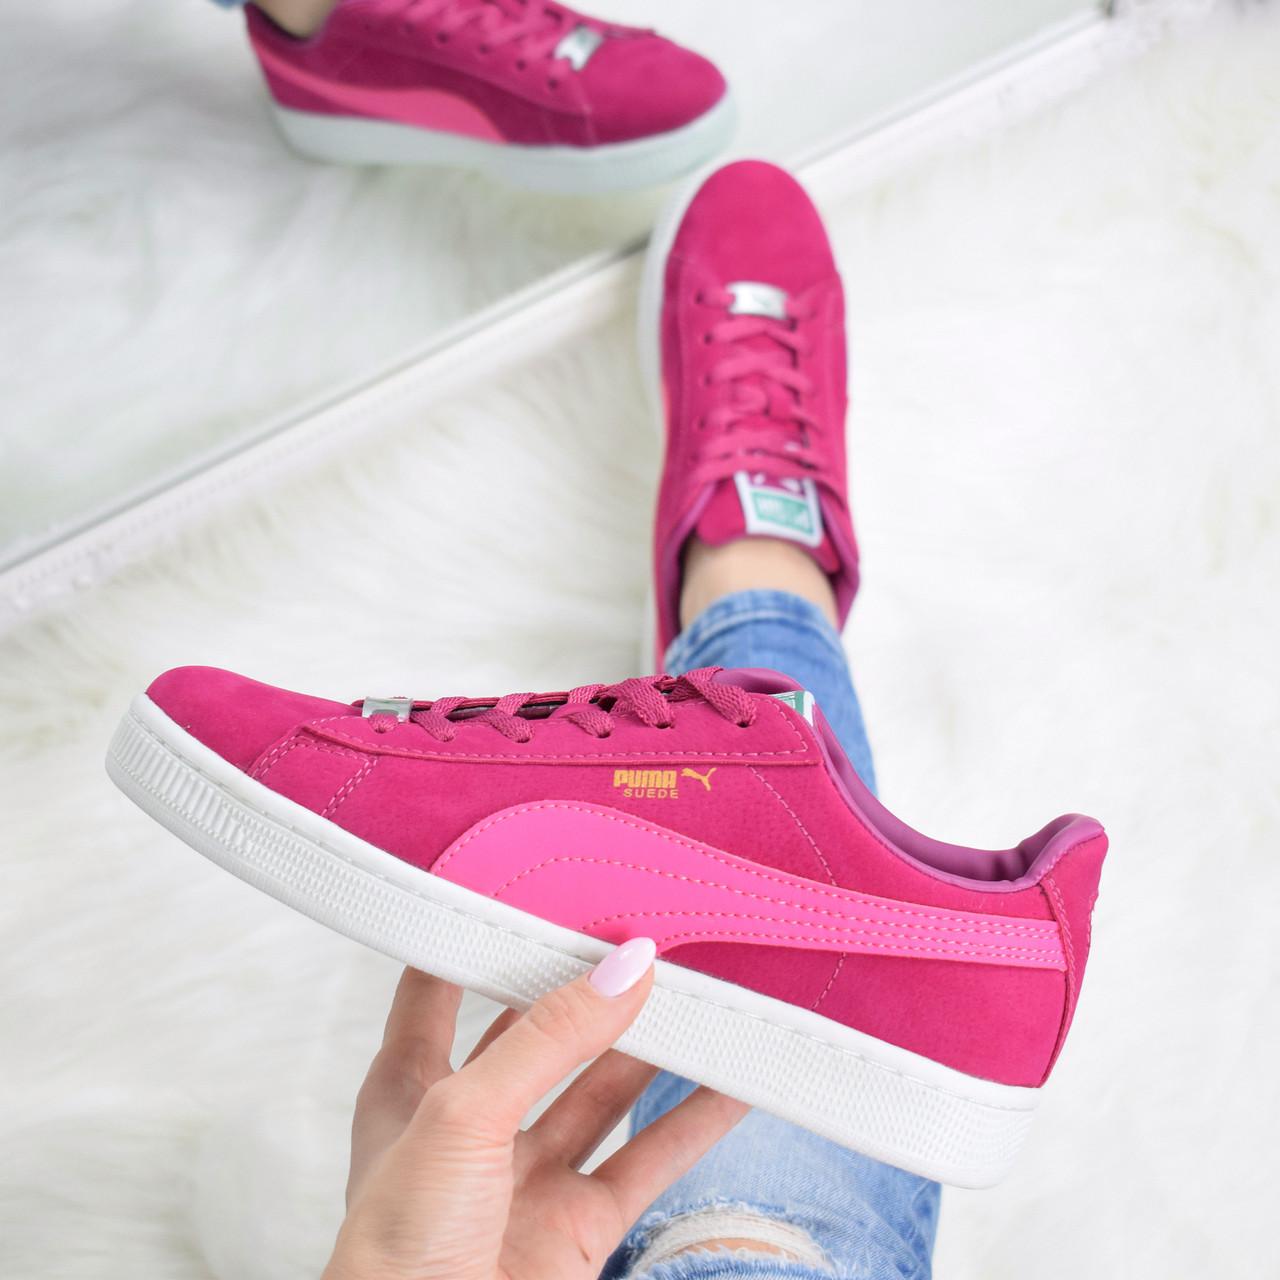 f20b2006c0d4 Кроссовки криперы женские Puma Suede розовые, спортивная обувь -  Интернет-магазин